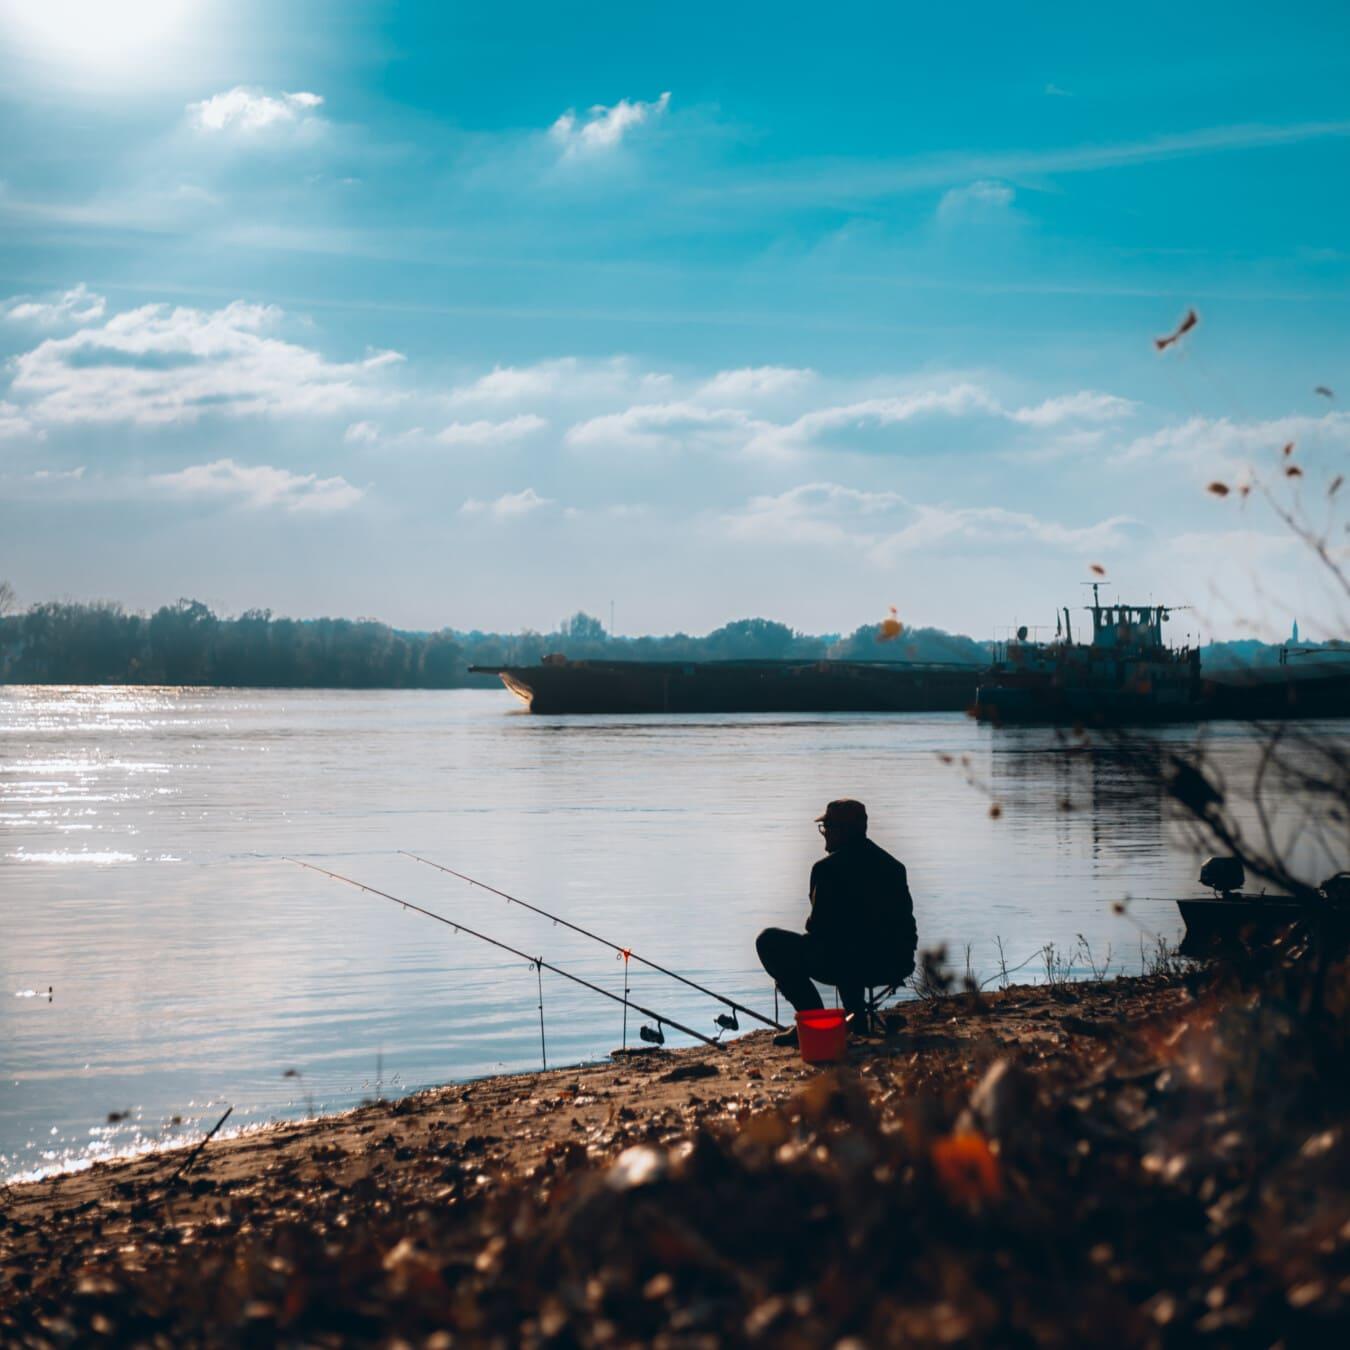 fisherman, fishing, sitting, fishing rod, riverbank, shadow, barge, cargo ship, lake, water